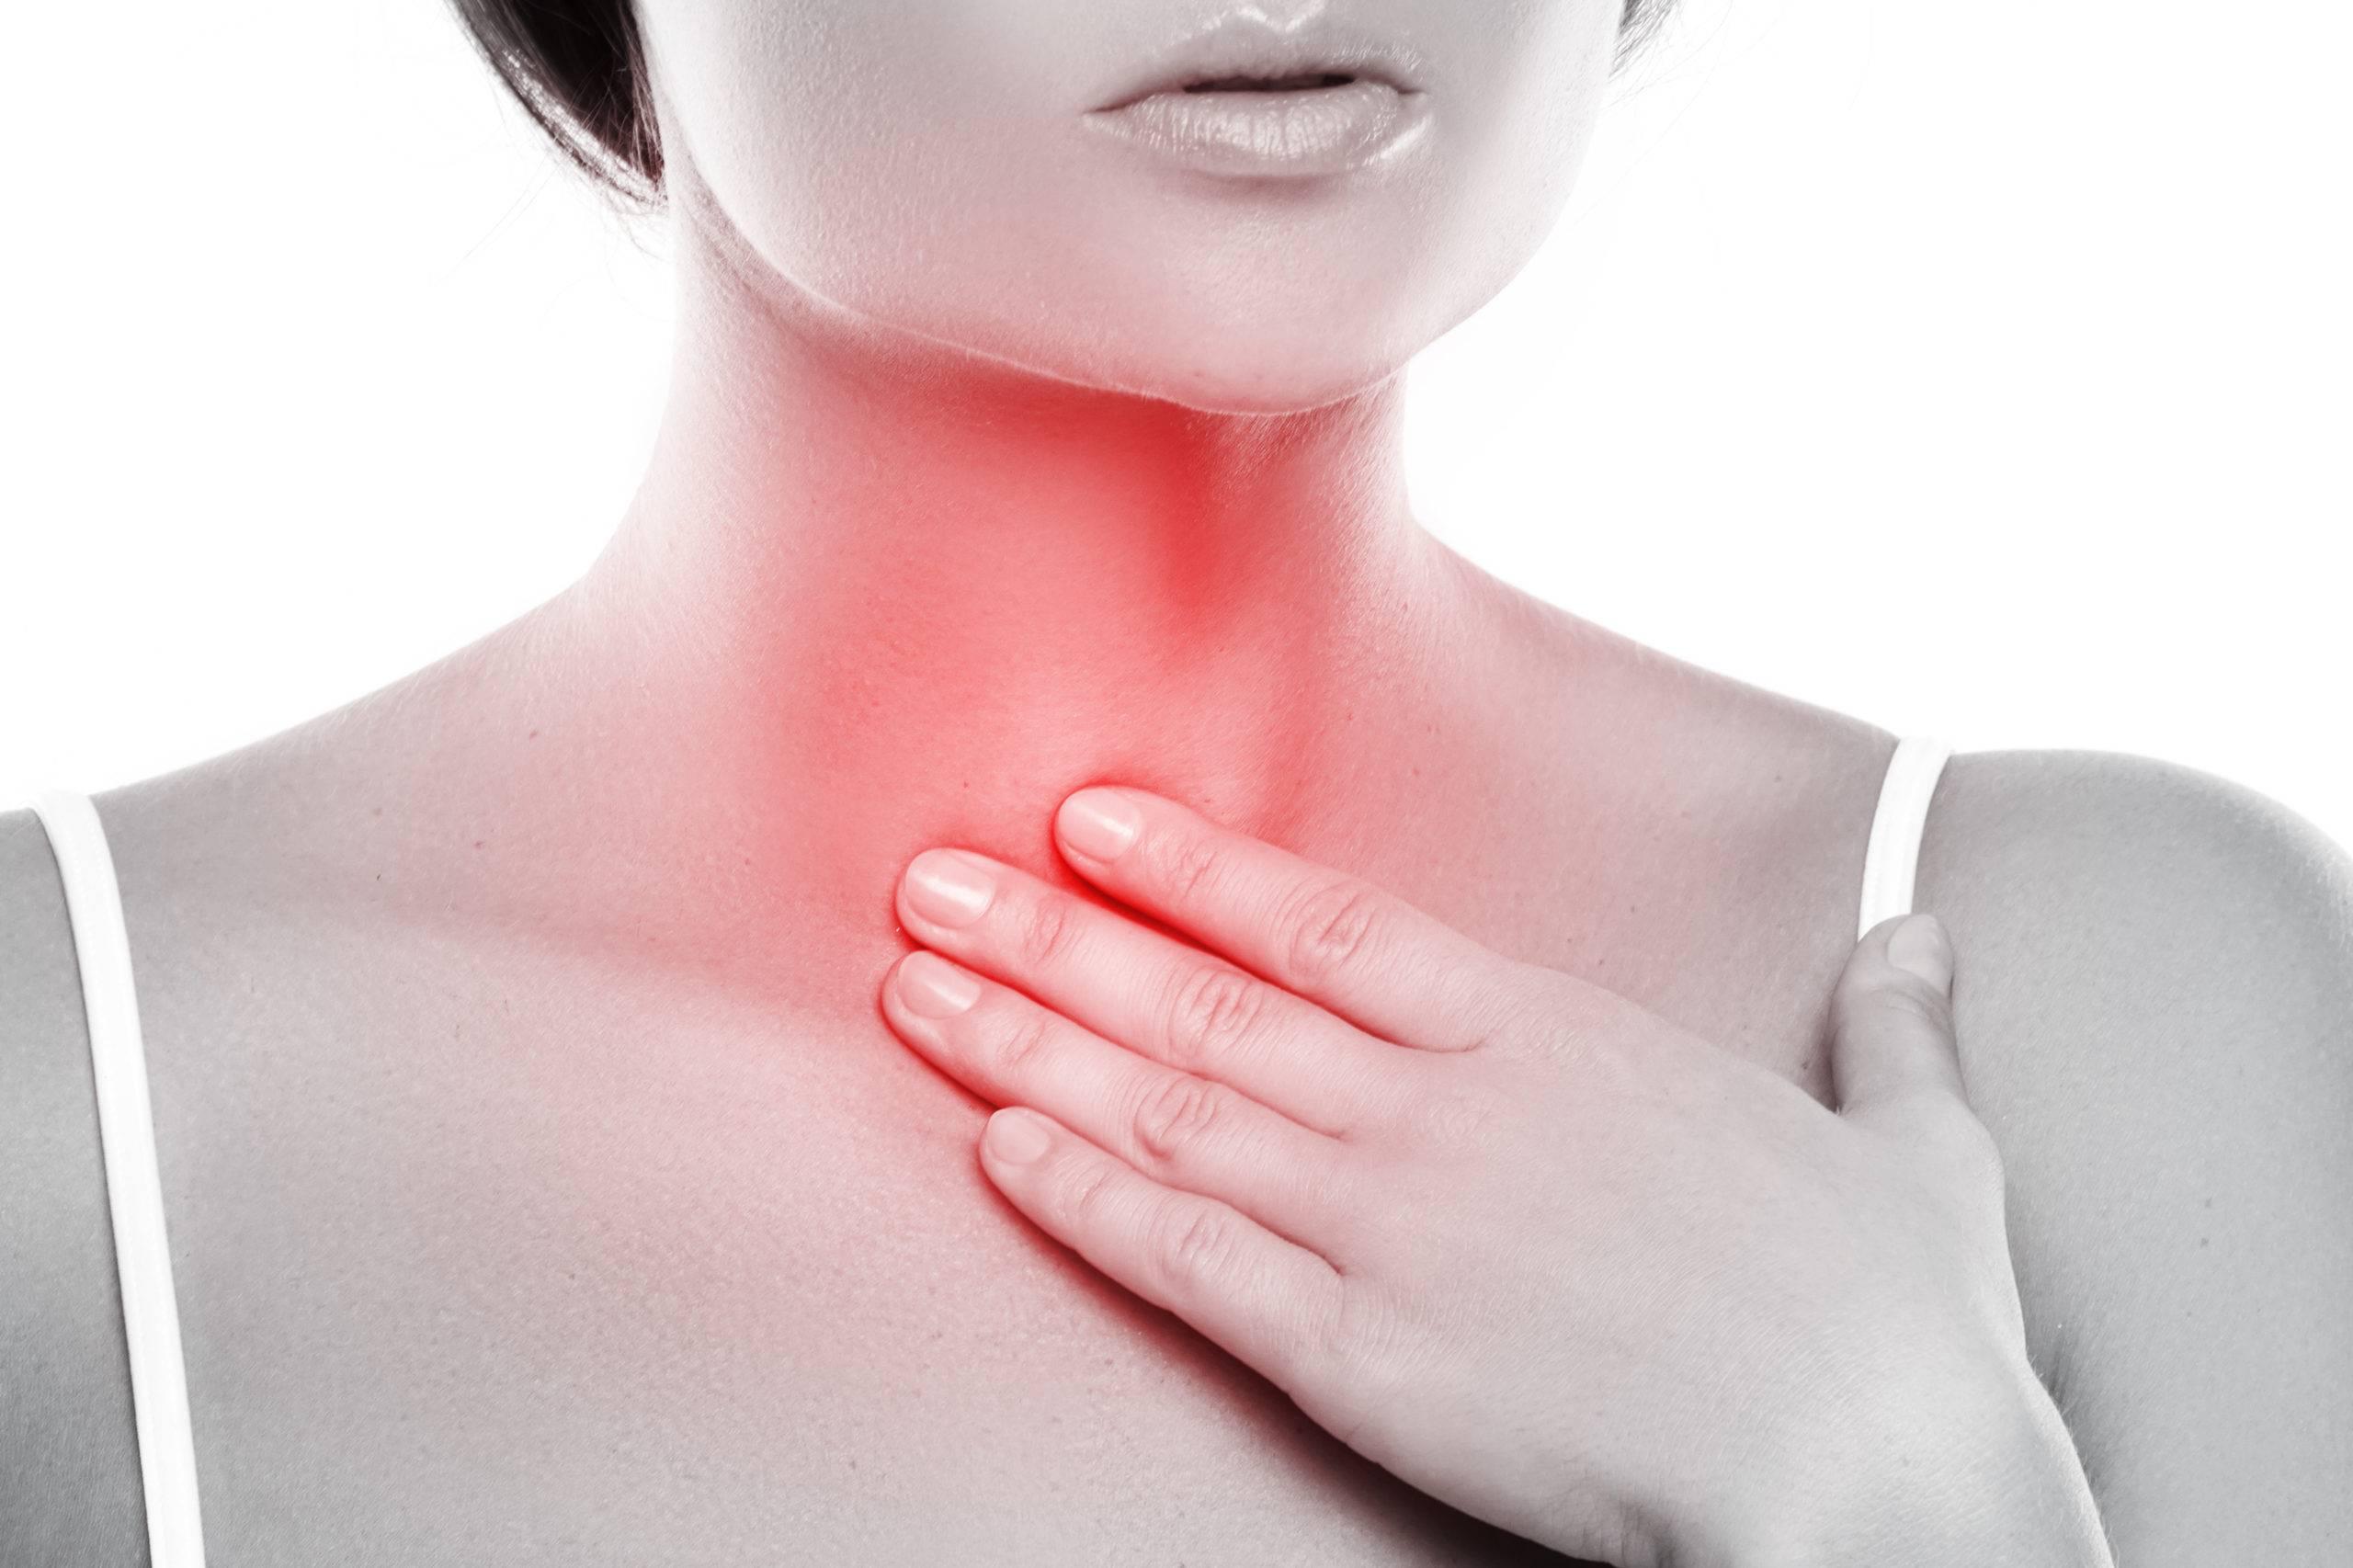 Кислотный рефлюкс и боль в горле